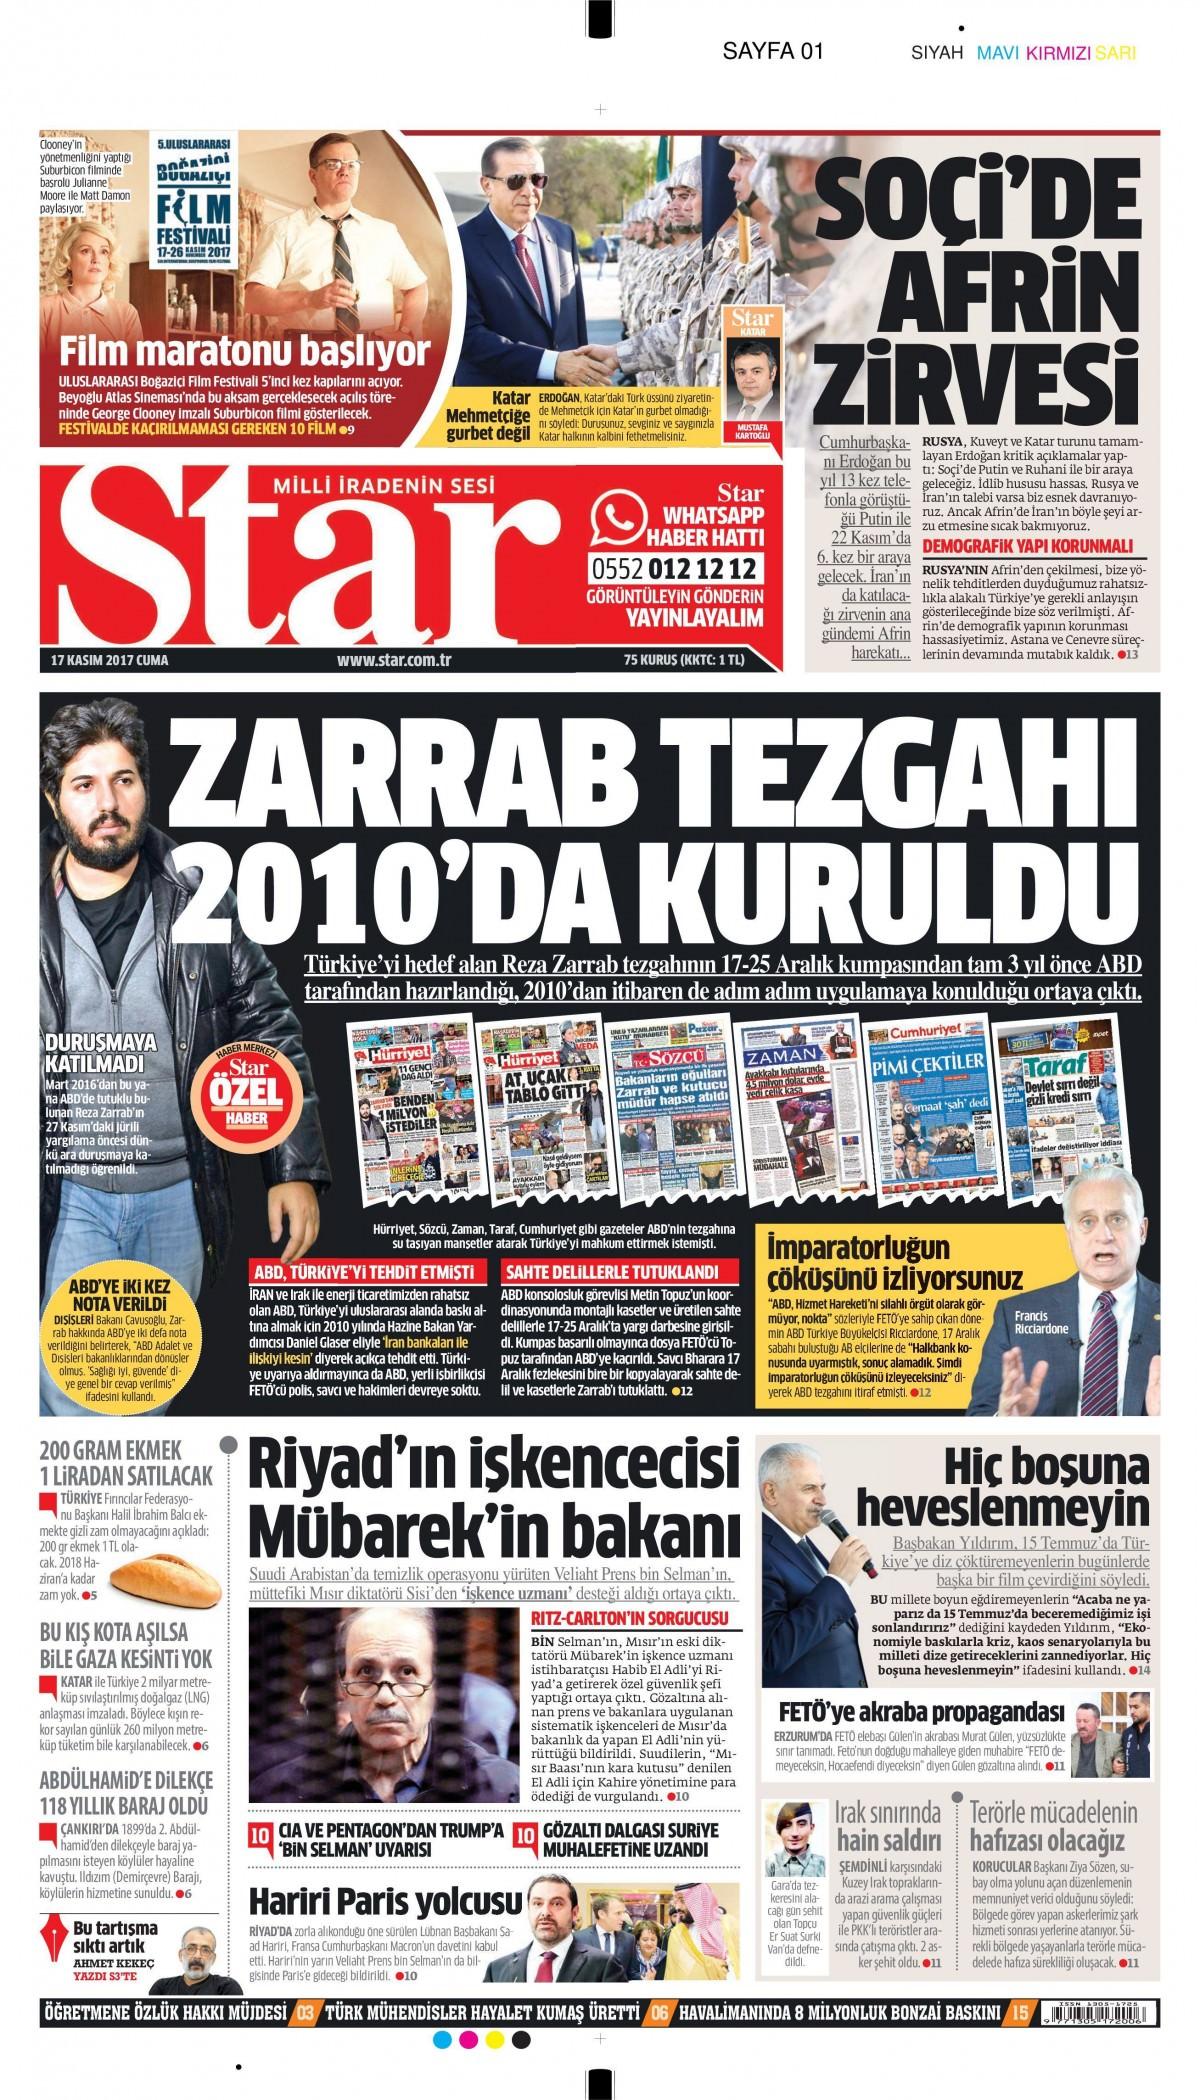 Gazeteler hangi manşetleri attı! (17 Kasım 2017) 19